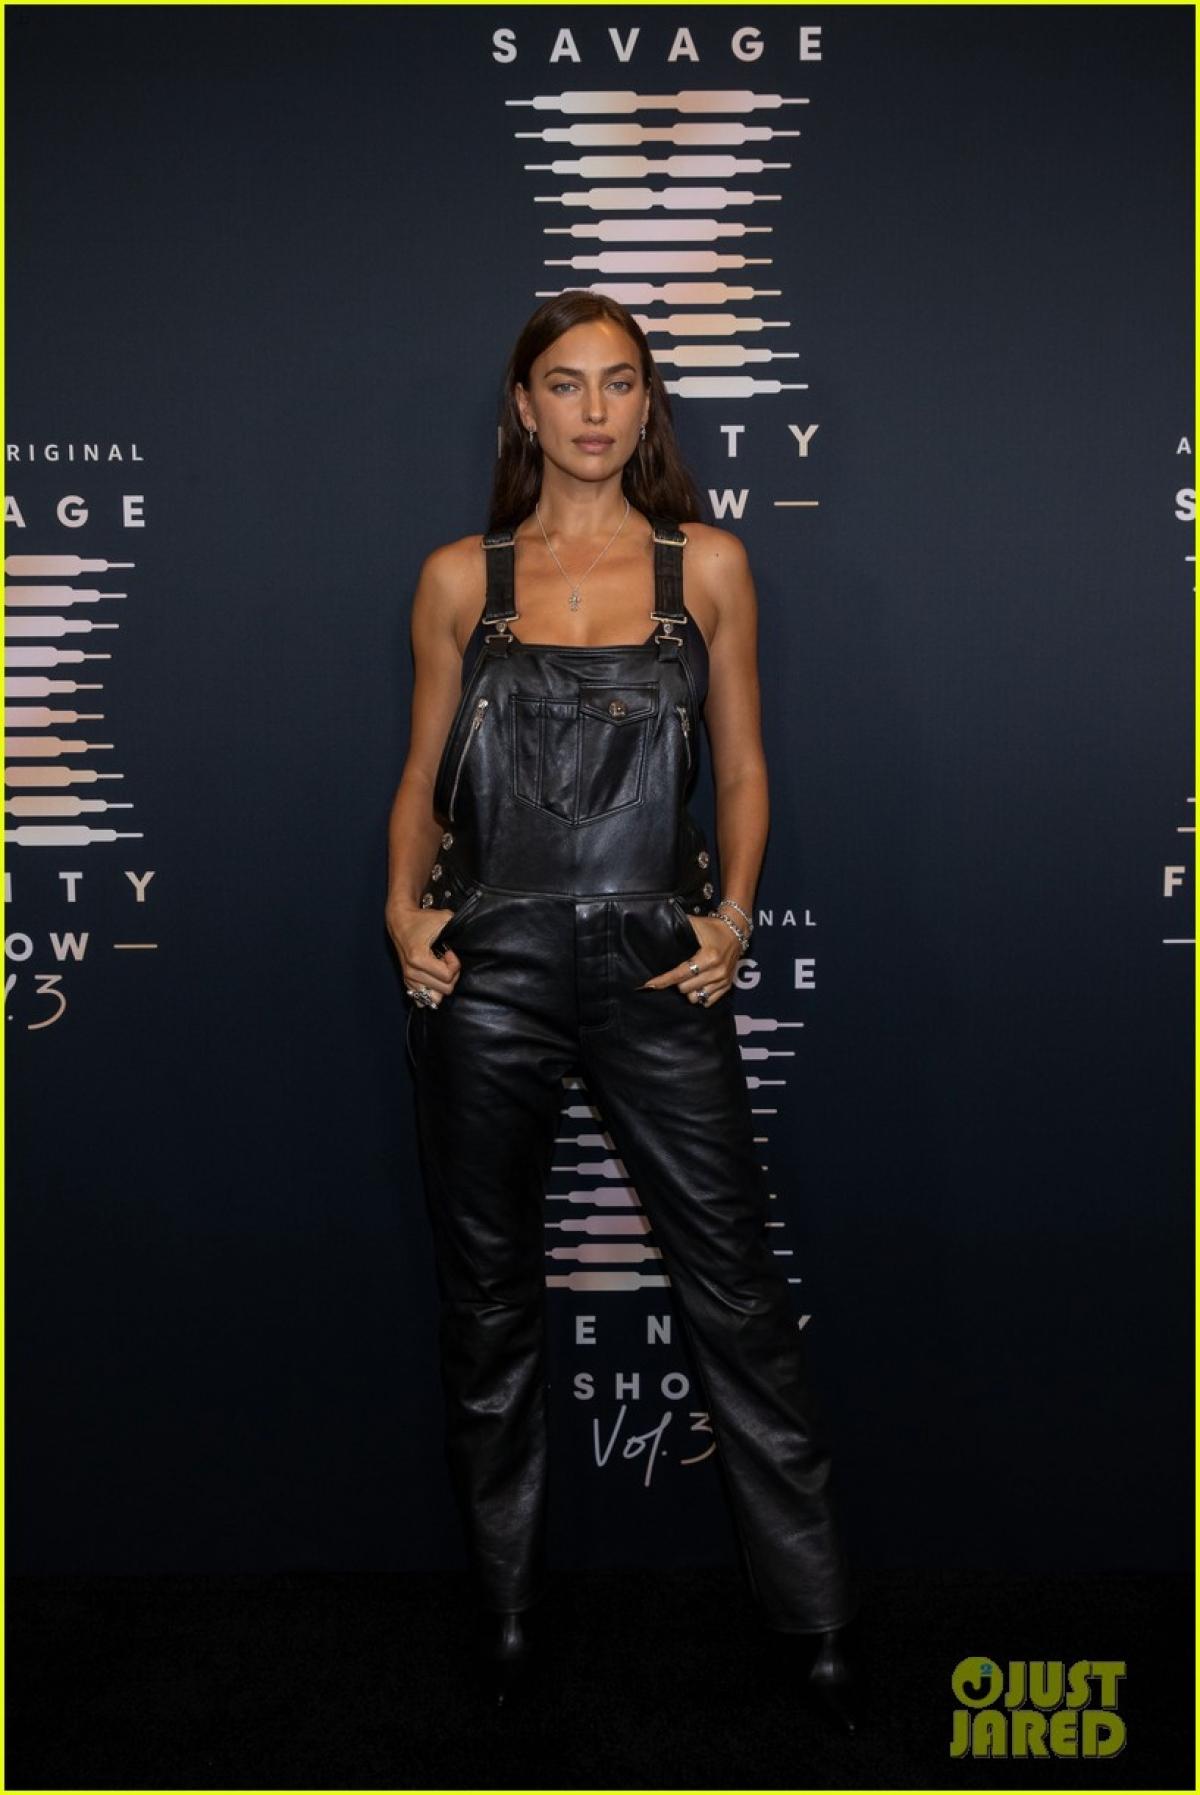 Irina Shayk tham dự Savage X Fenty Show Vol. 3! - chương trình truyền hình Mỹ về show diễn thường niên của thương hiệu Savage x Fenty, thương hiệu đồ lót của Rihanna diễn ra ở Los Angeles hôm 22/9.